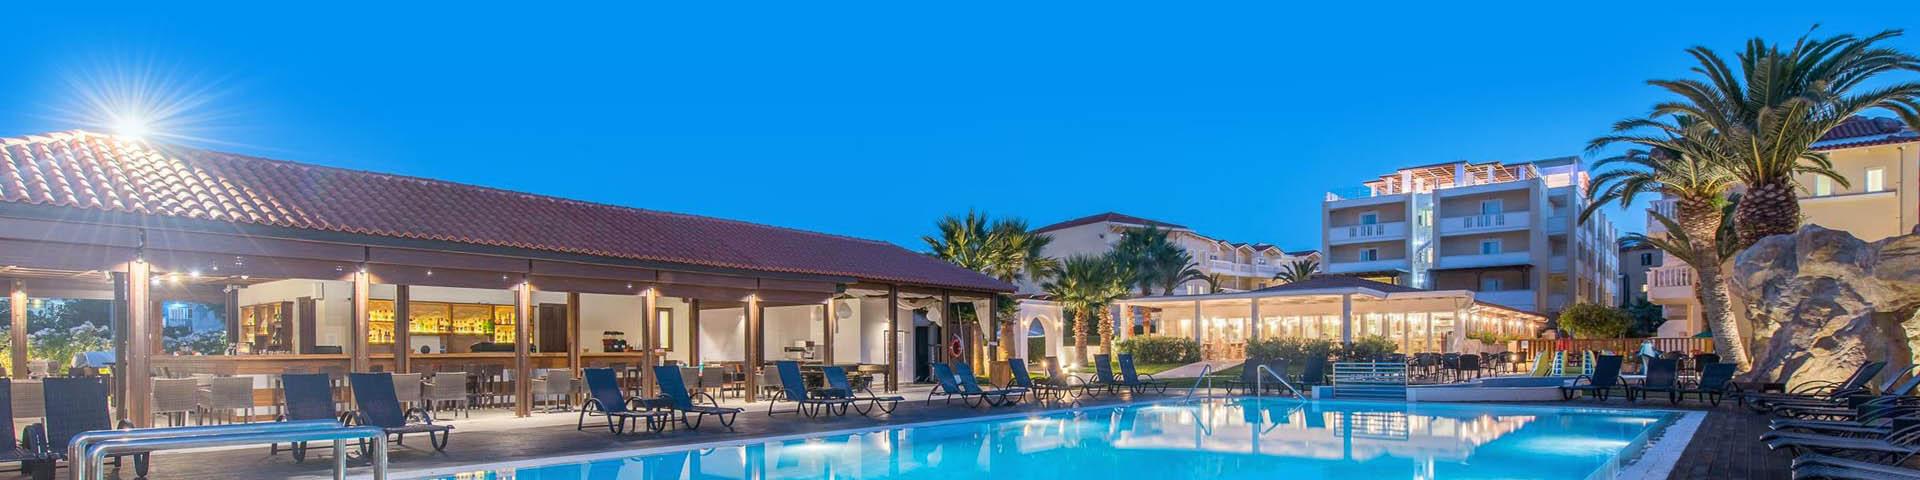 Een zwembad en hotelgebouw van hotelketen Best Western